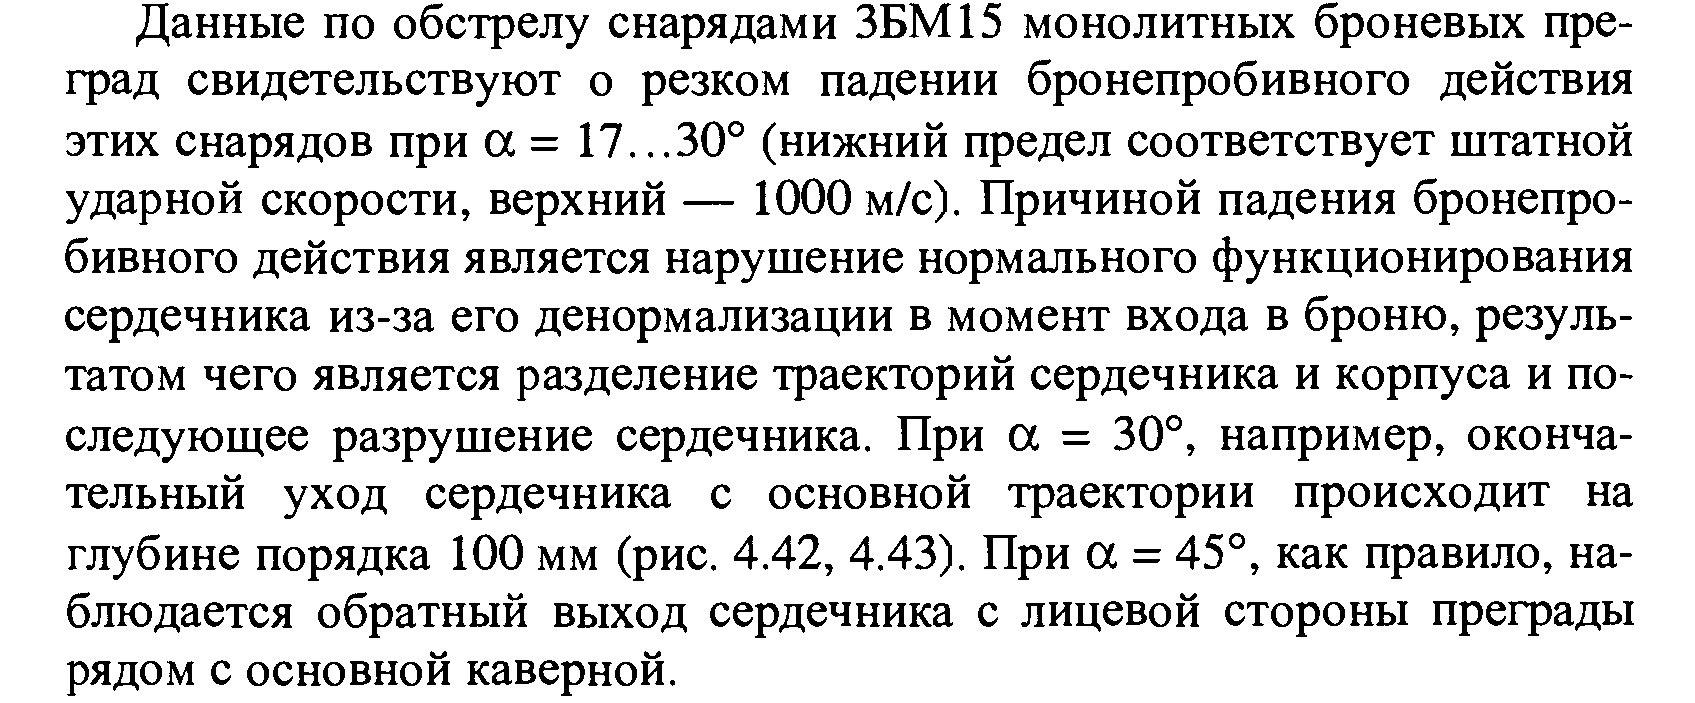 https://pp.vk.me/c636829/v636829681/3d5cb/bISFj5yEYng.jpg